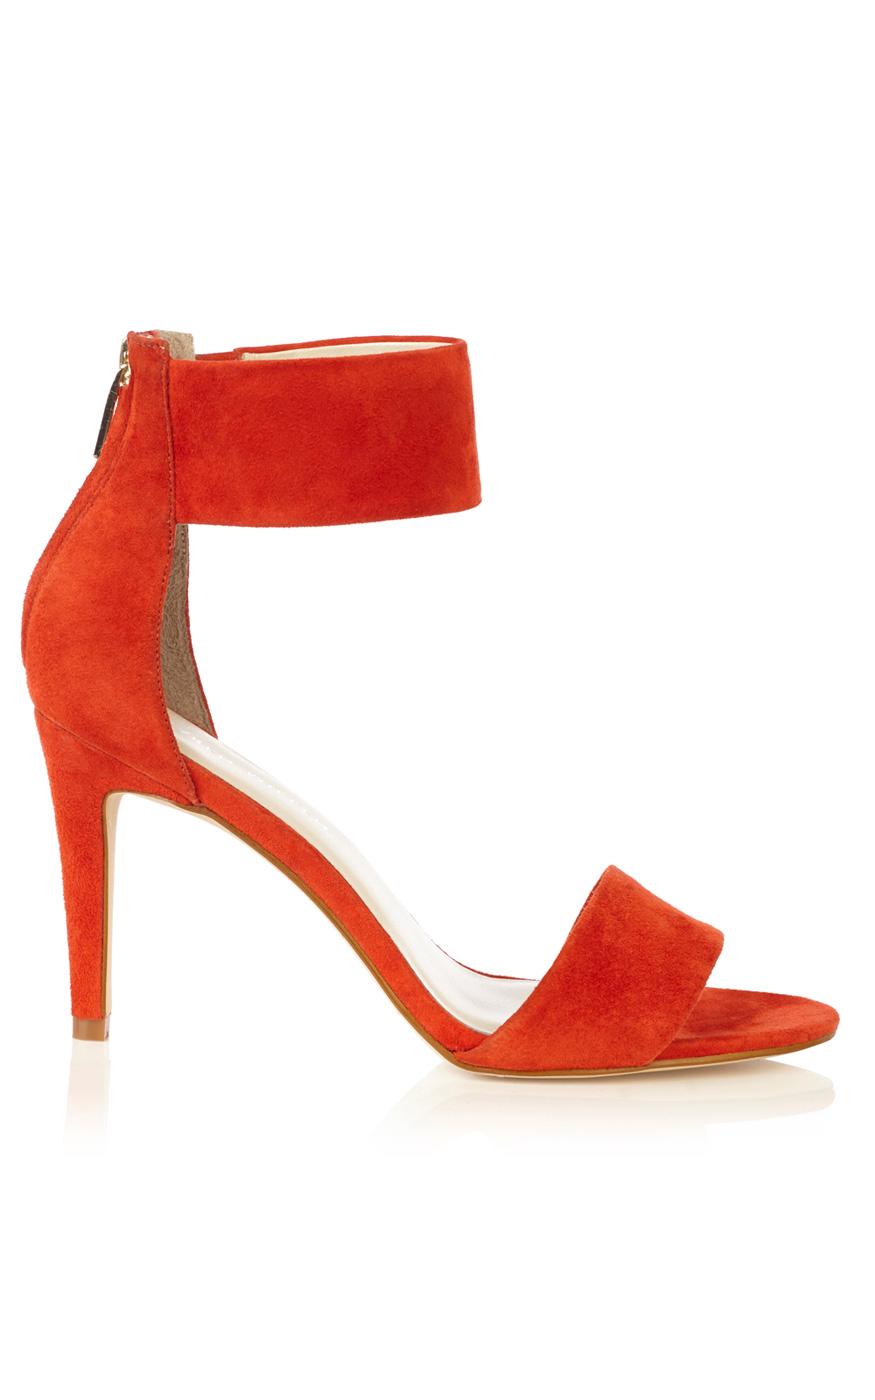 3996ace46e7 Karen Millen Ankle Cuff Mid Heel Sandal in Orange - Lyst